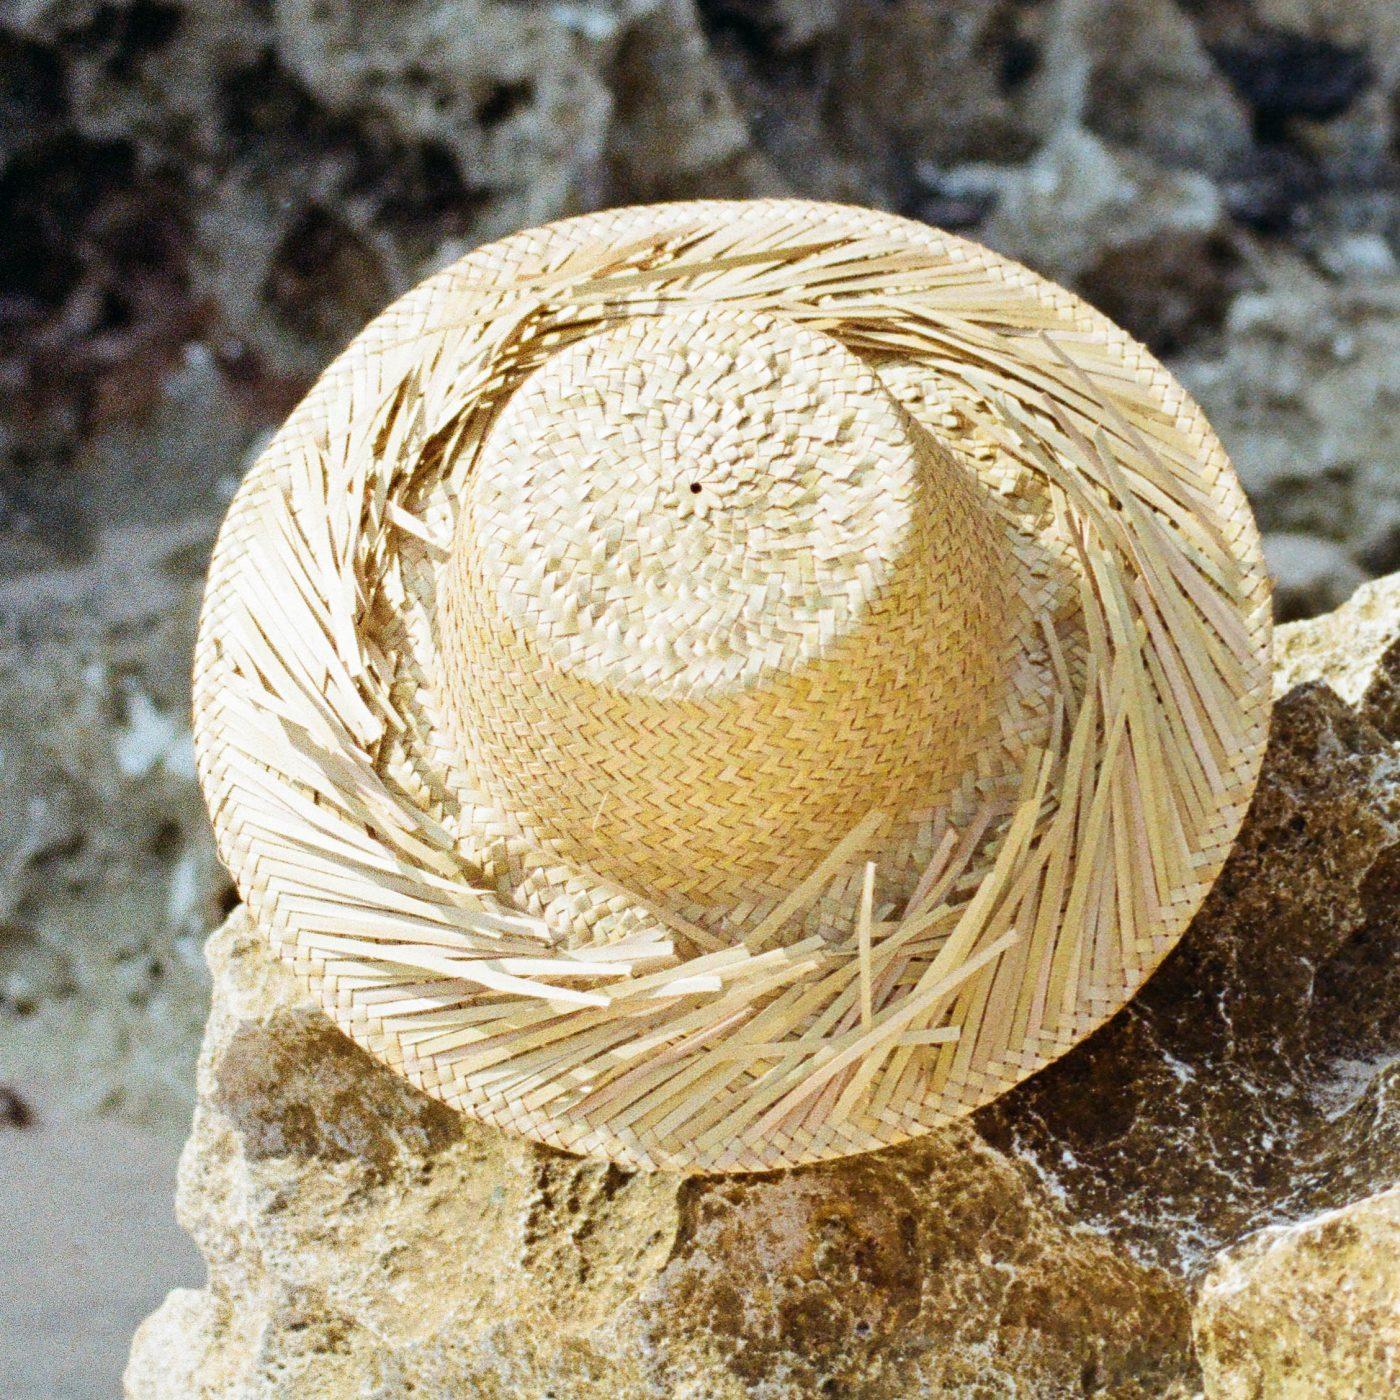 Beach Access Sun Hat - Summer 2019 Hat Guide